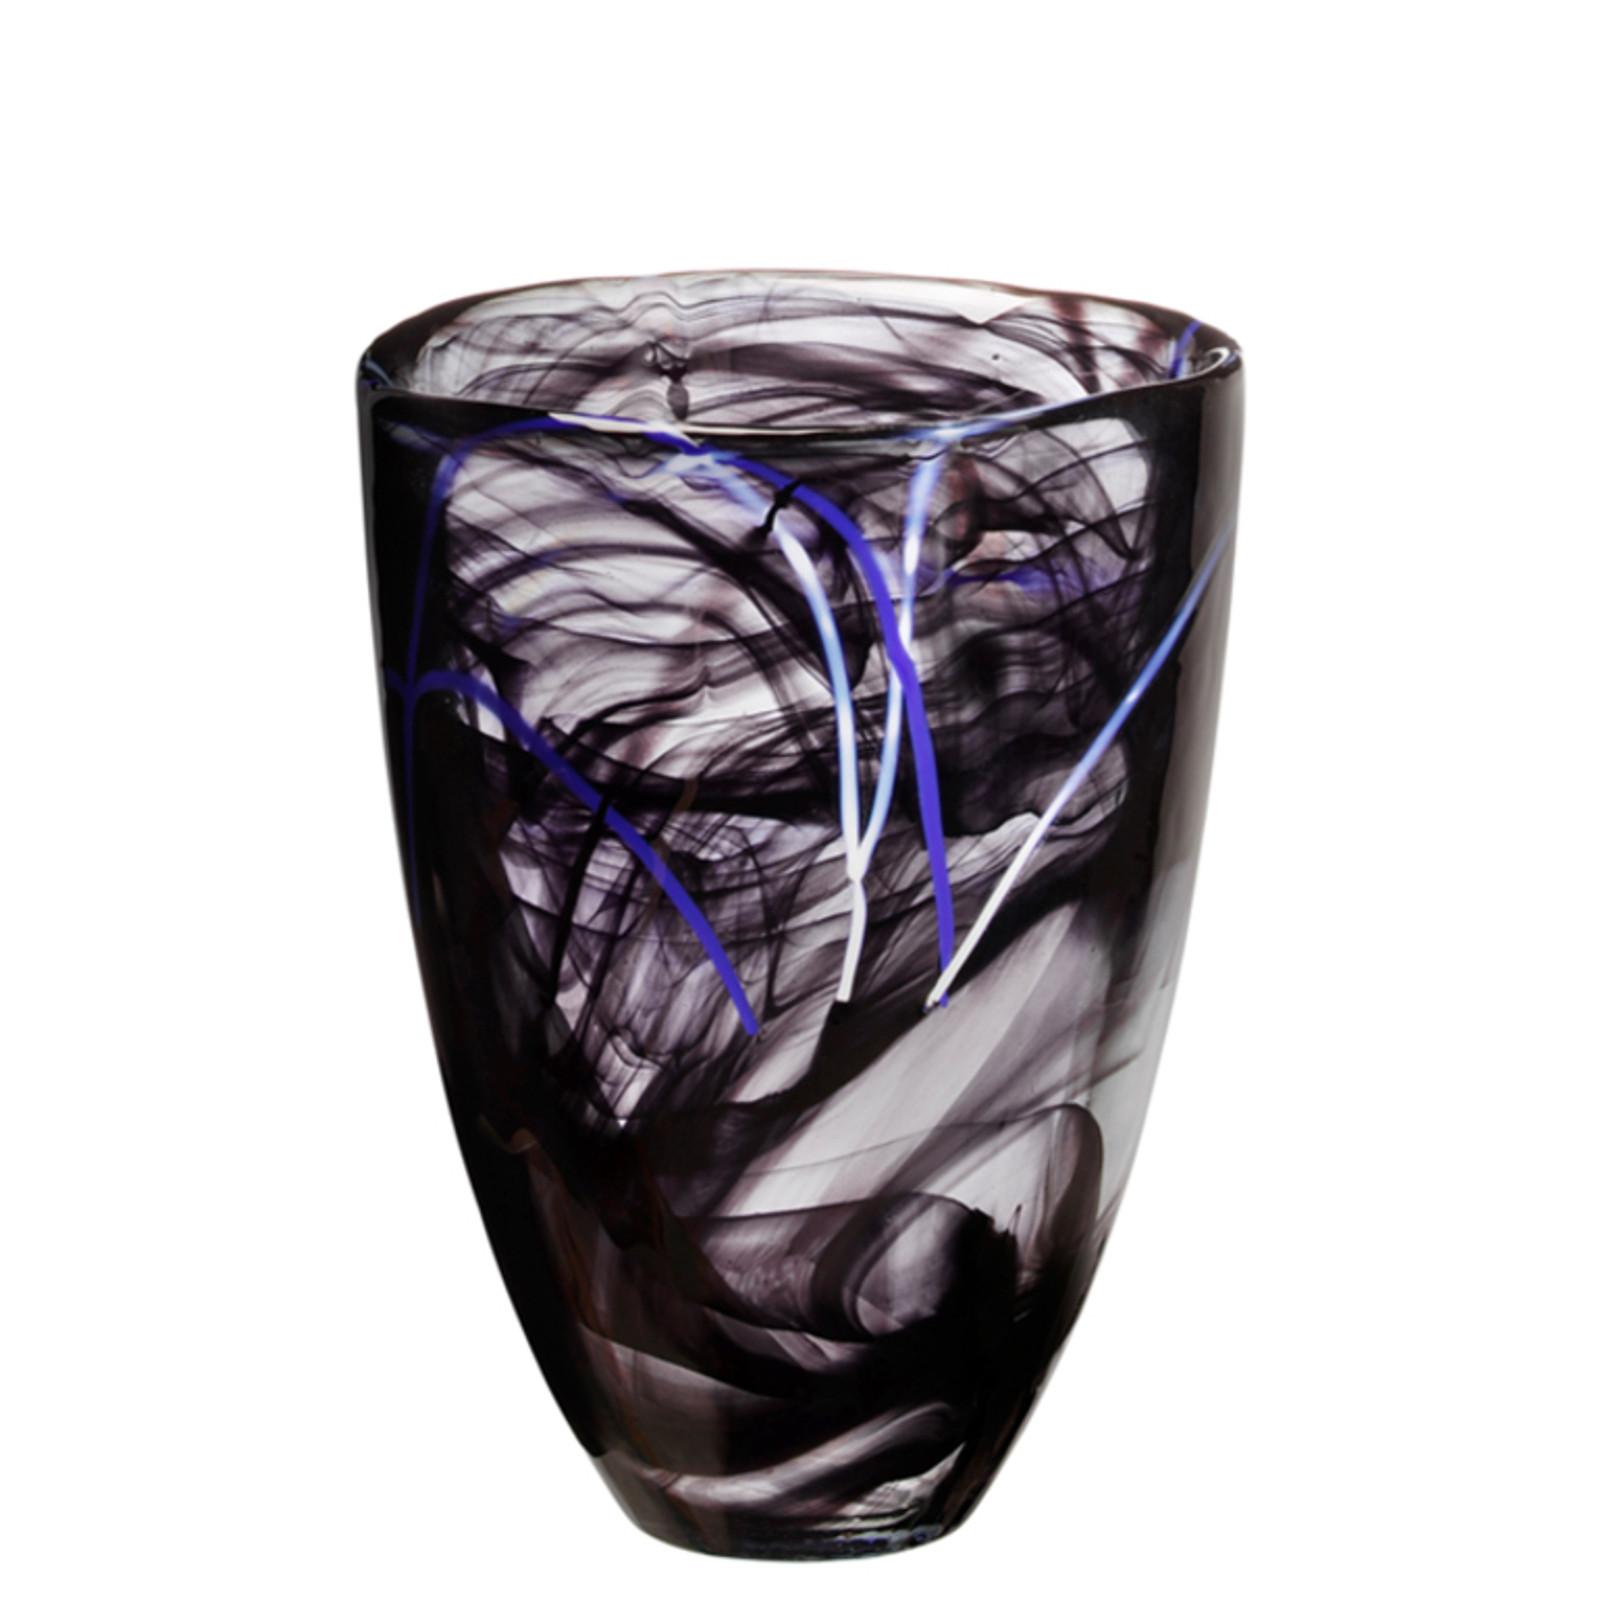 Kosta Boda Contrast Black Vase